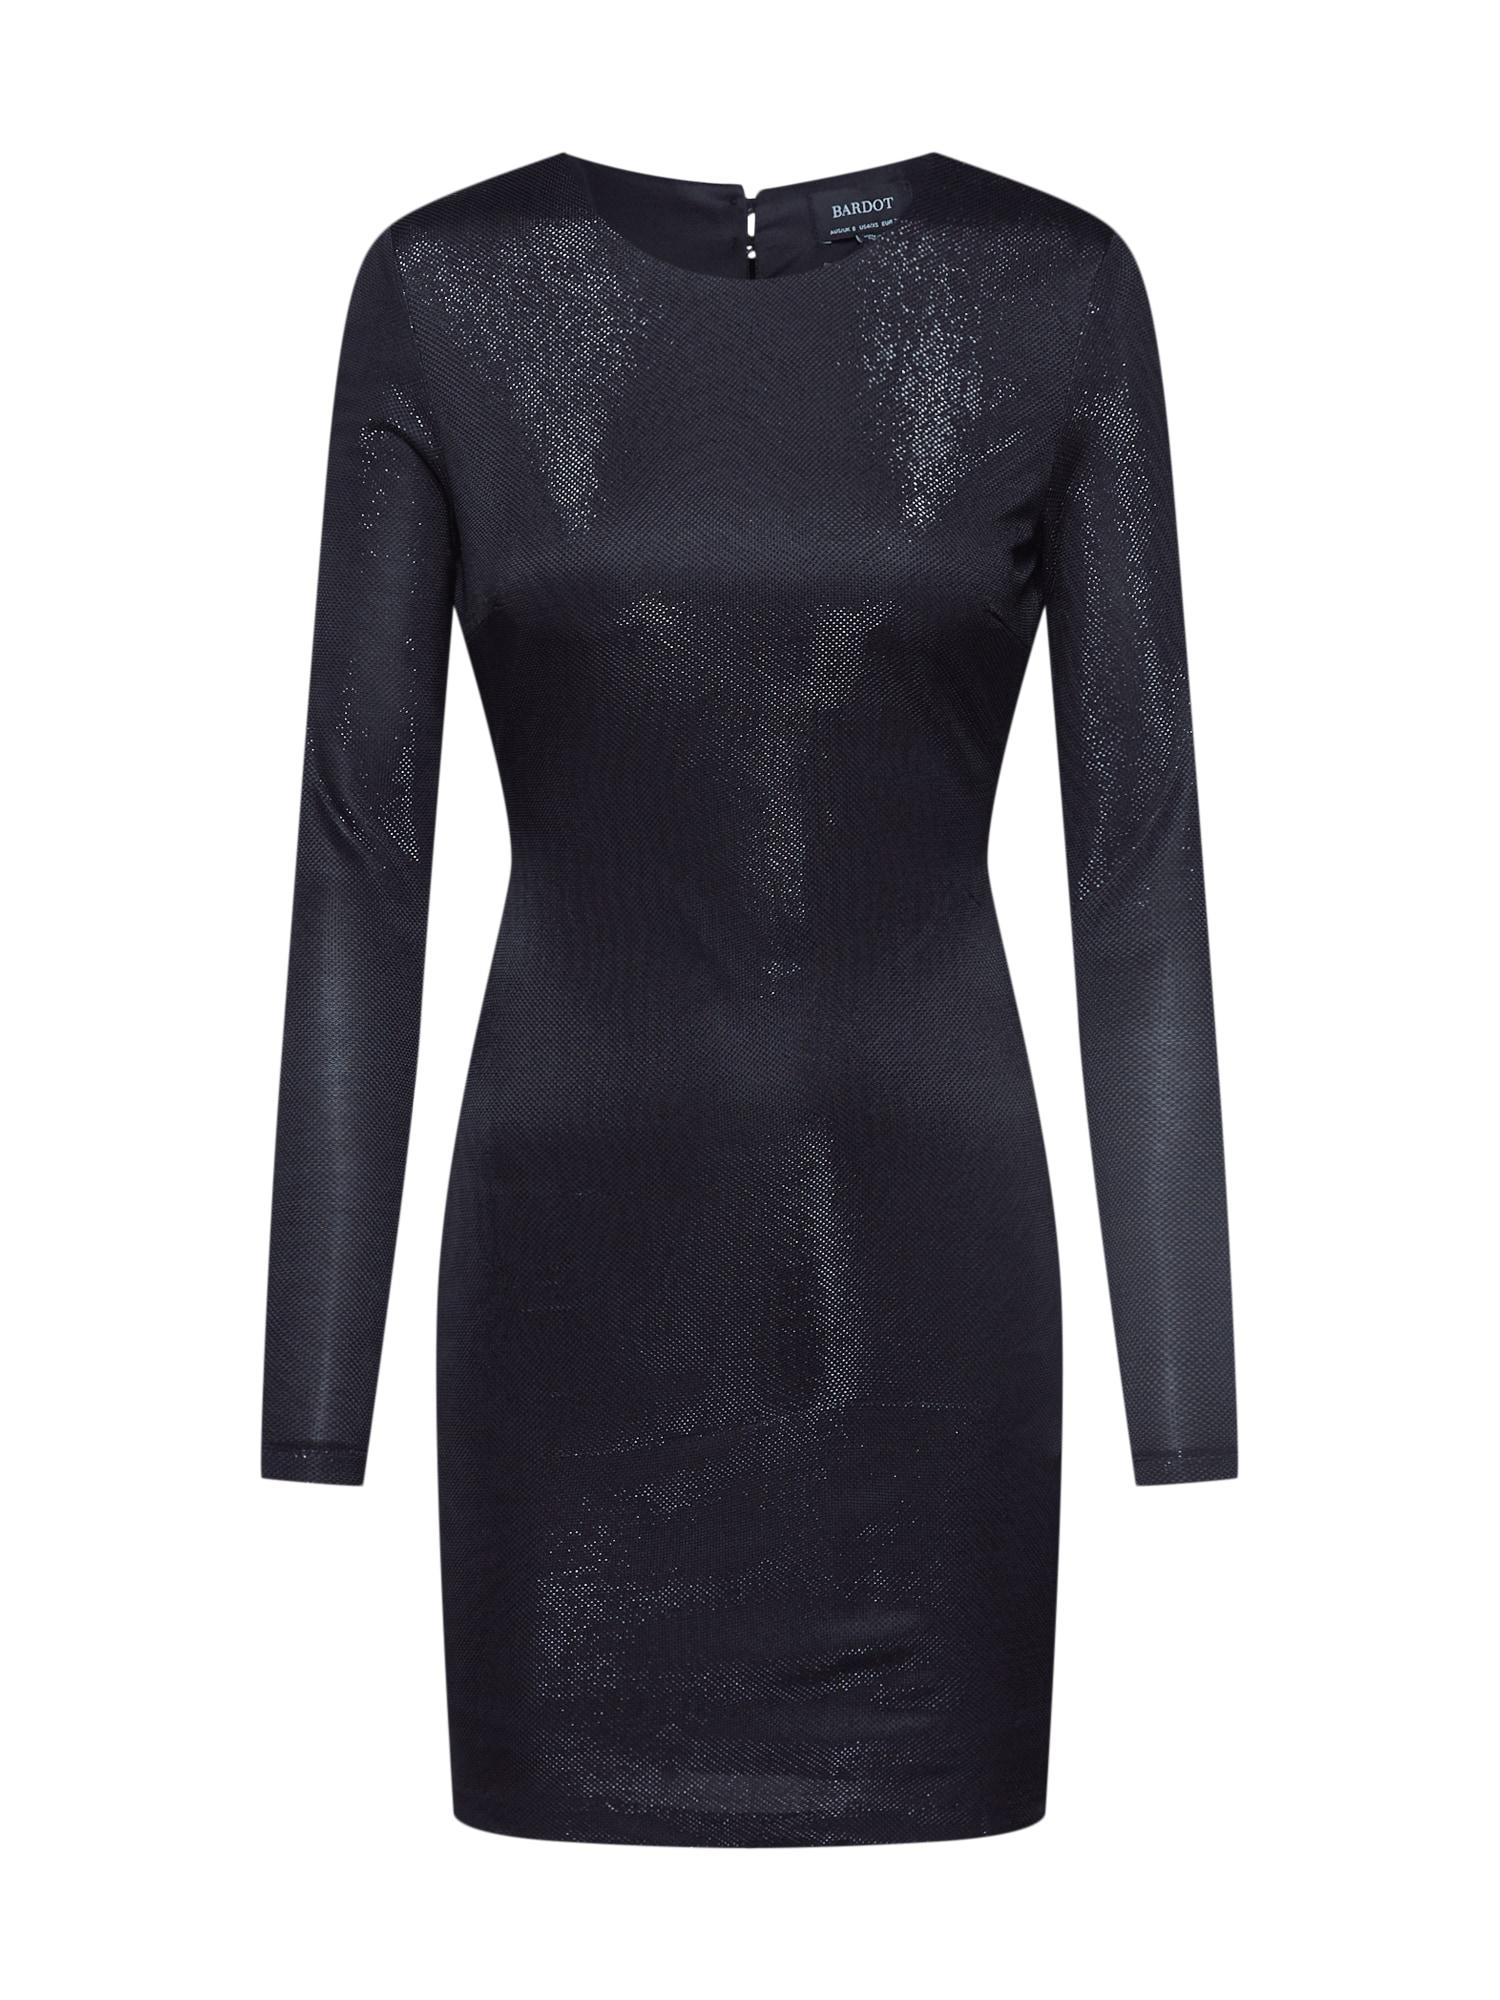 Etuikleid 32 34 36 38 44 46 cremeweiß Minikleid Netzeinsatz Knöpfe Kleid